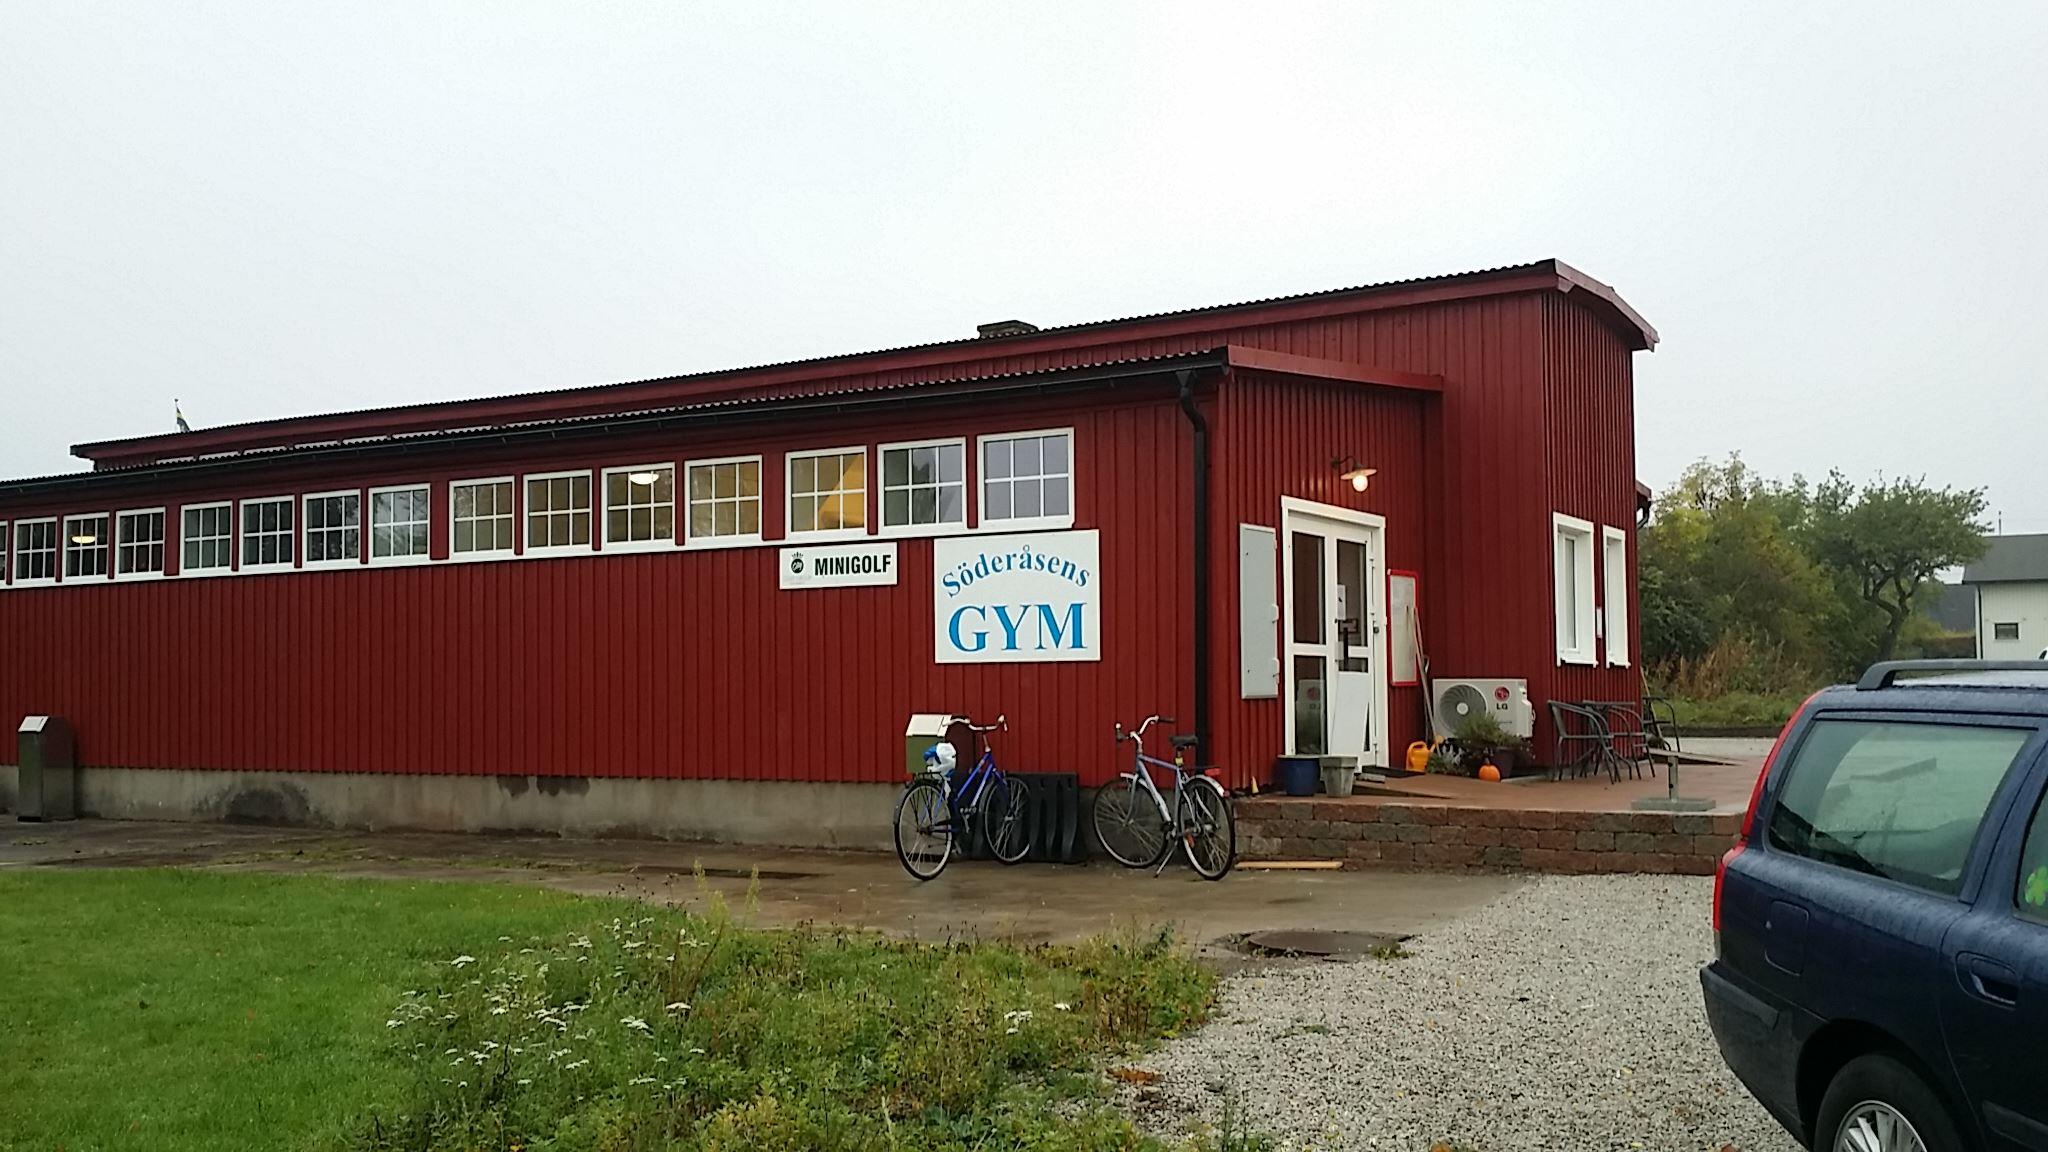 © Internet, Kågeröd - Söderåsens Gym